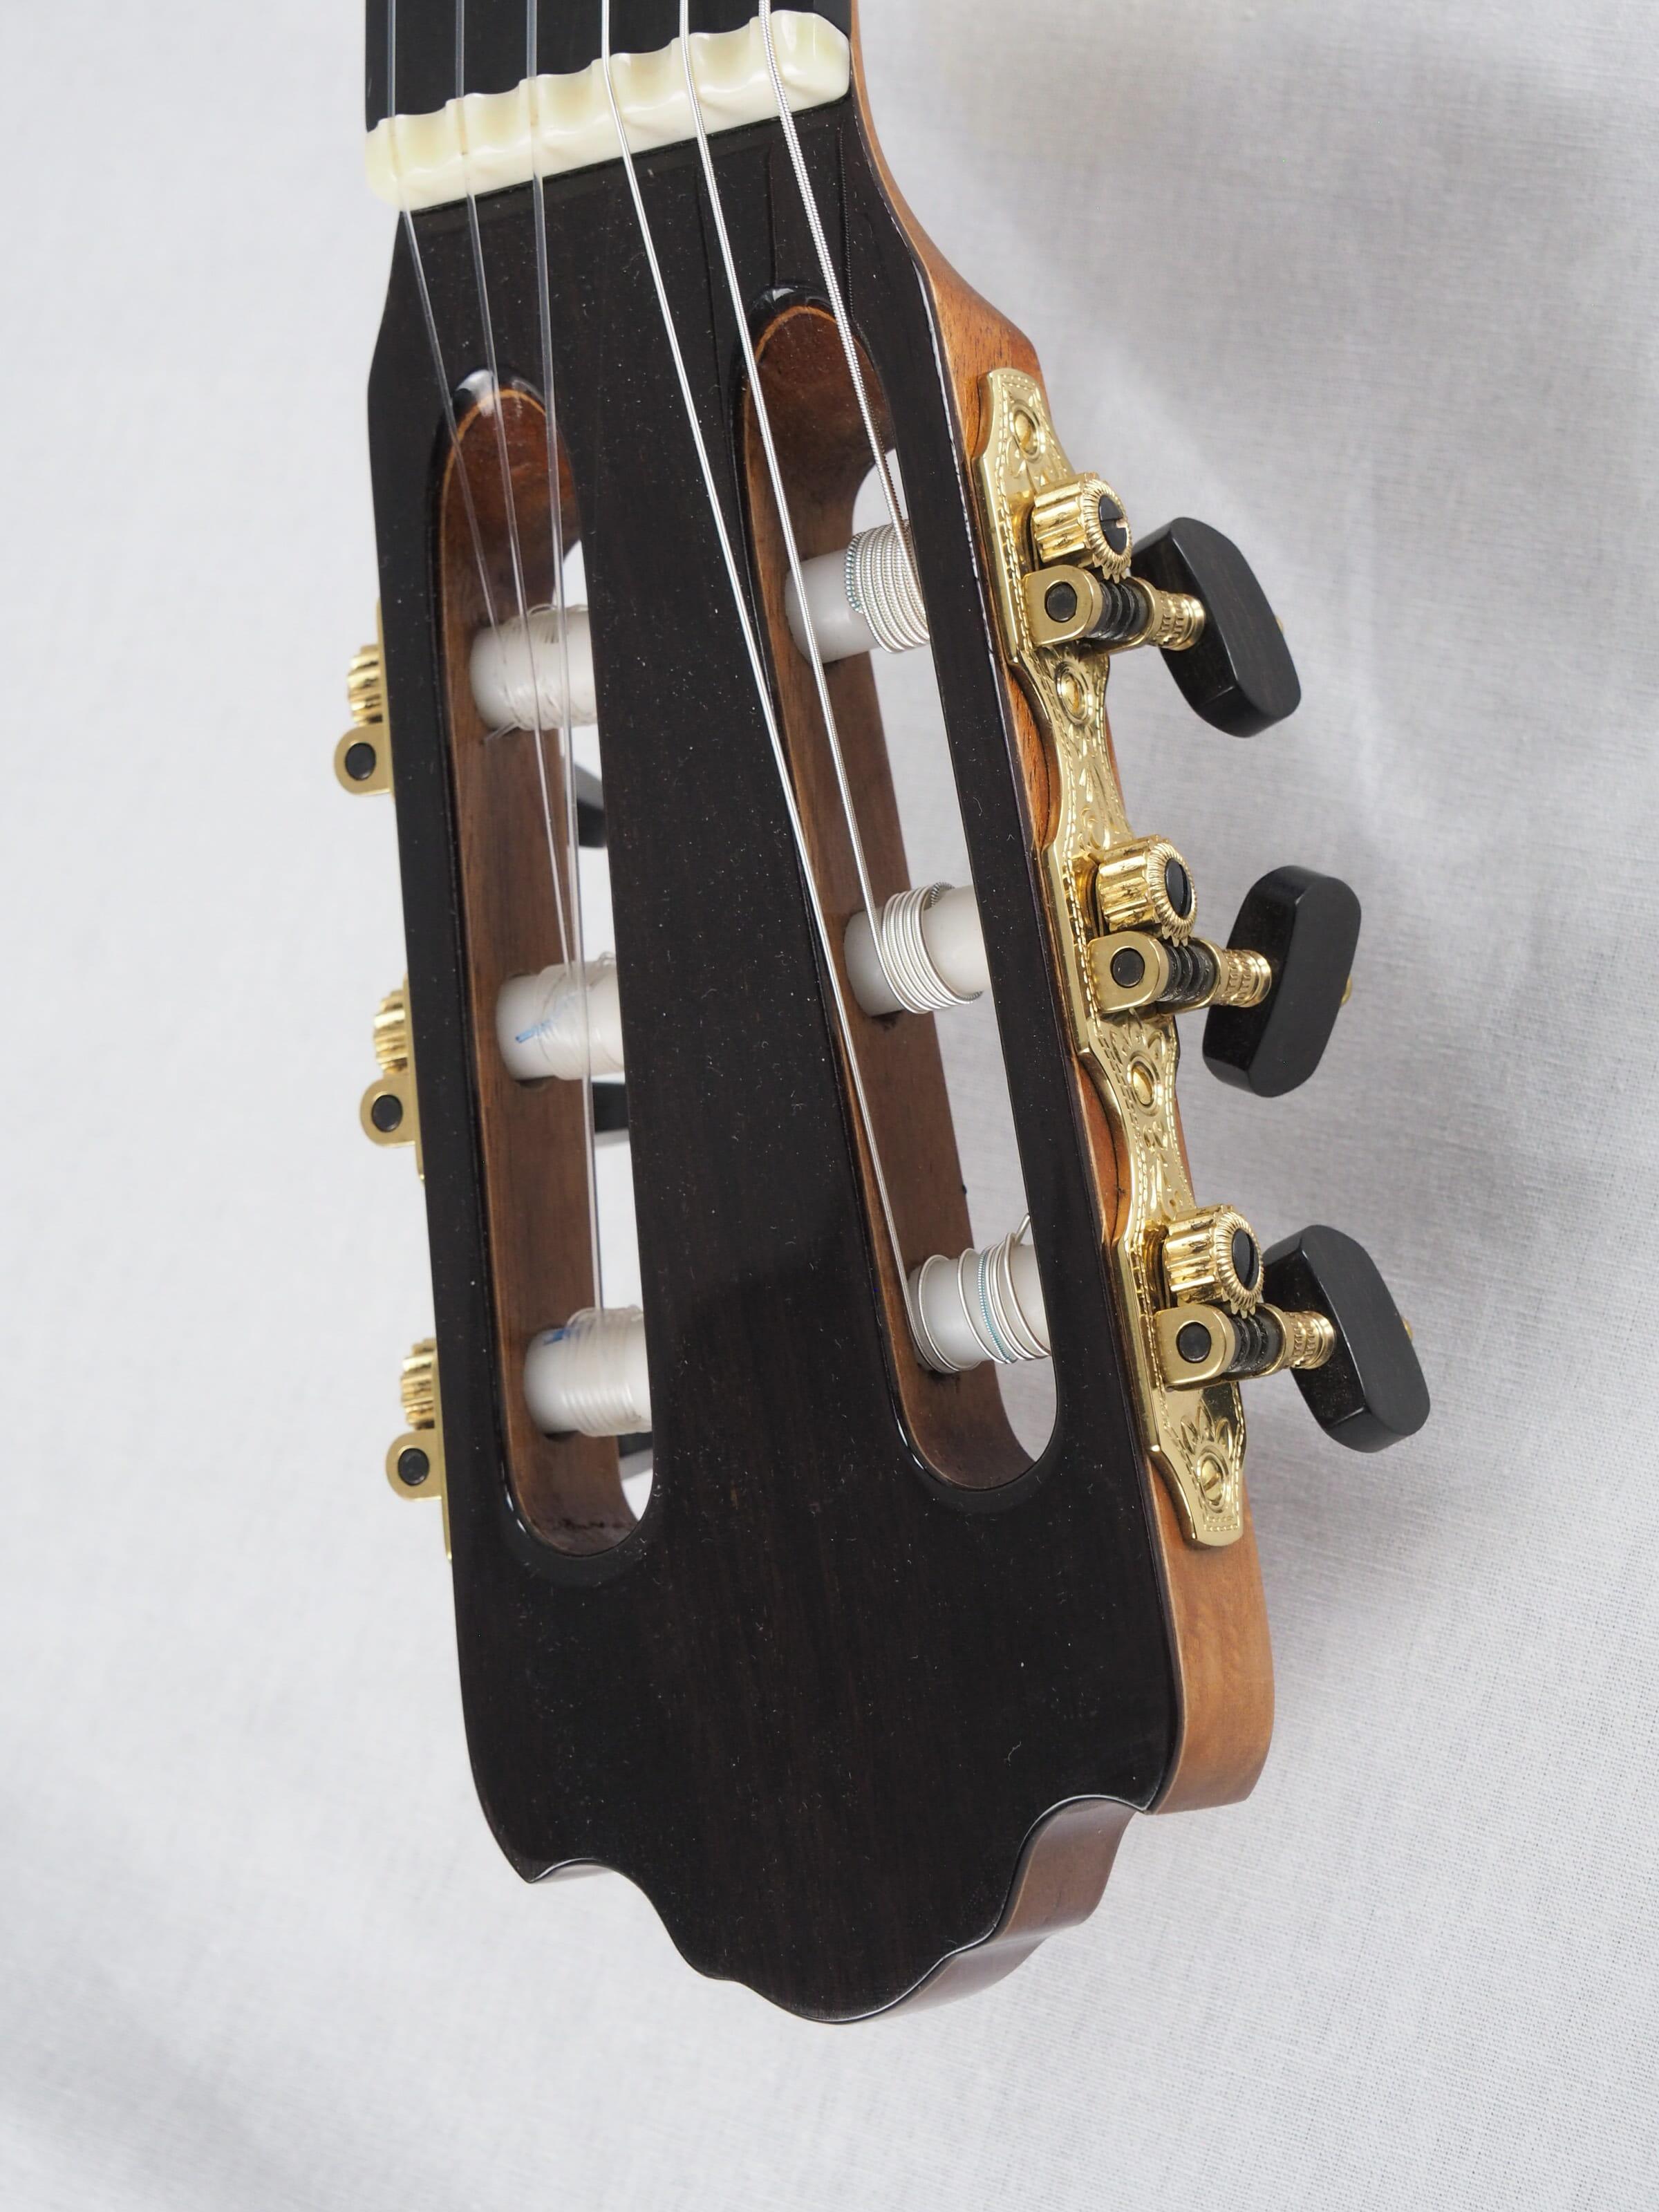 Jan Schneider guitare classique luthier No 19SCH454-01